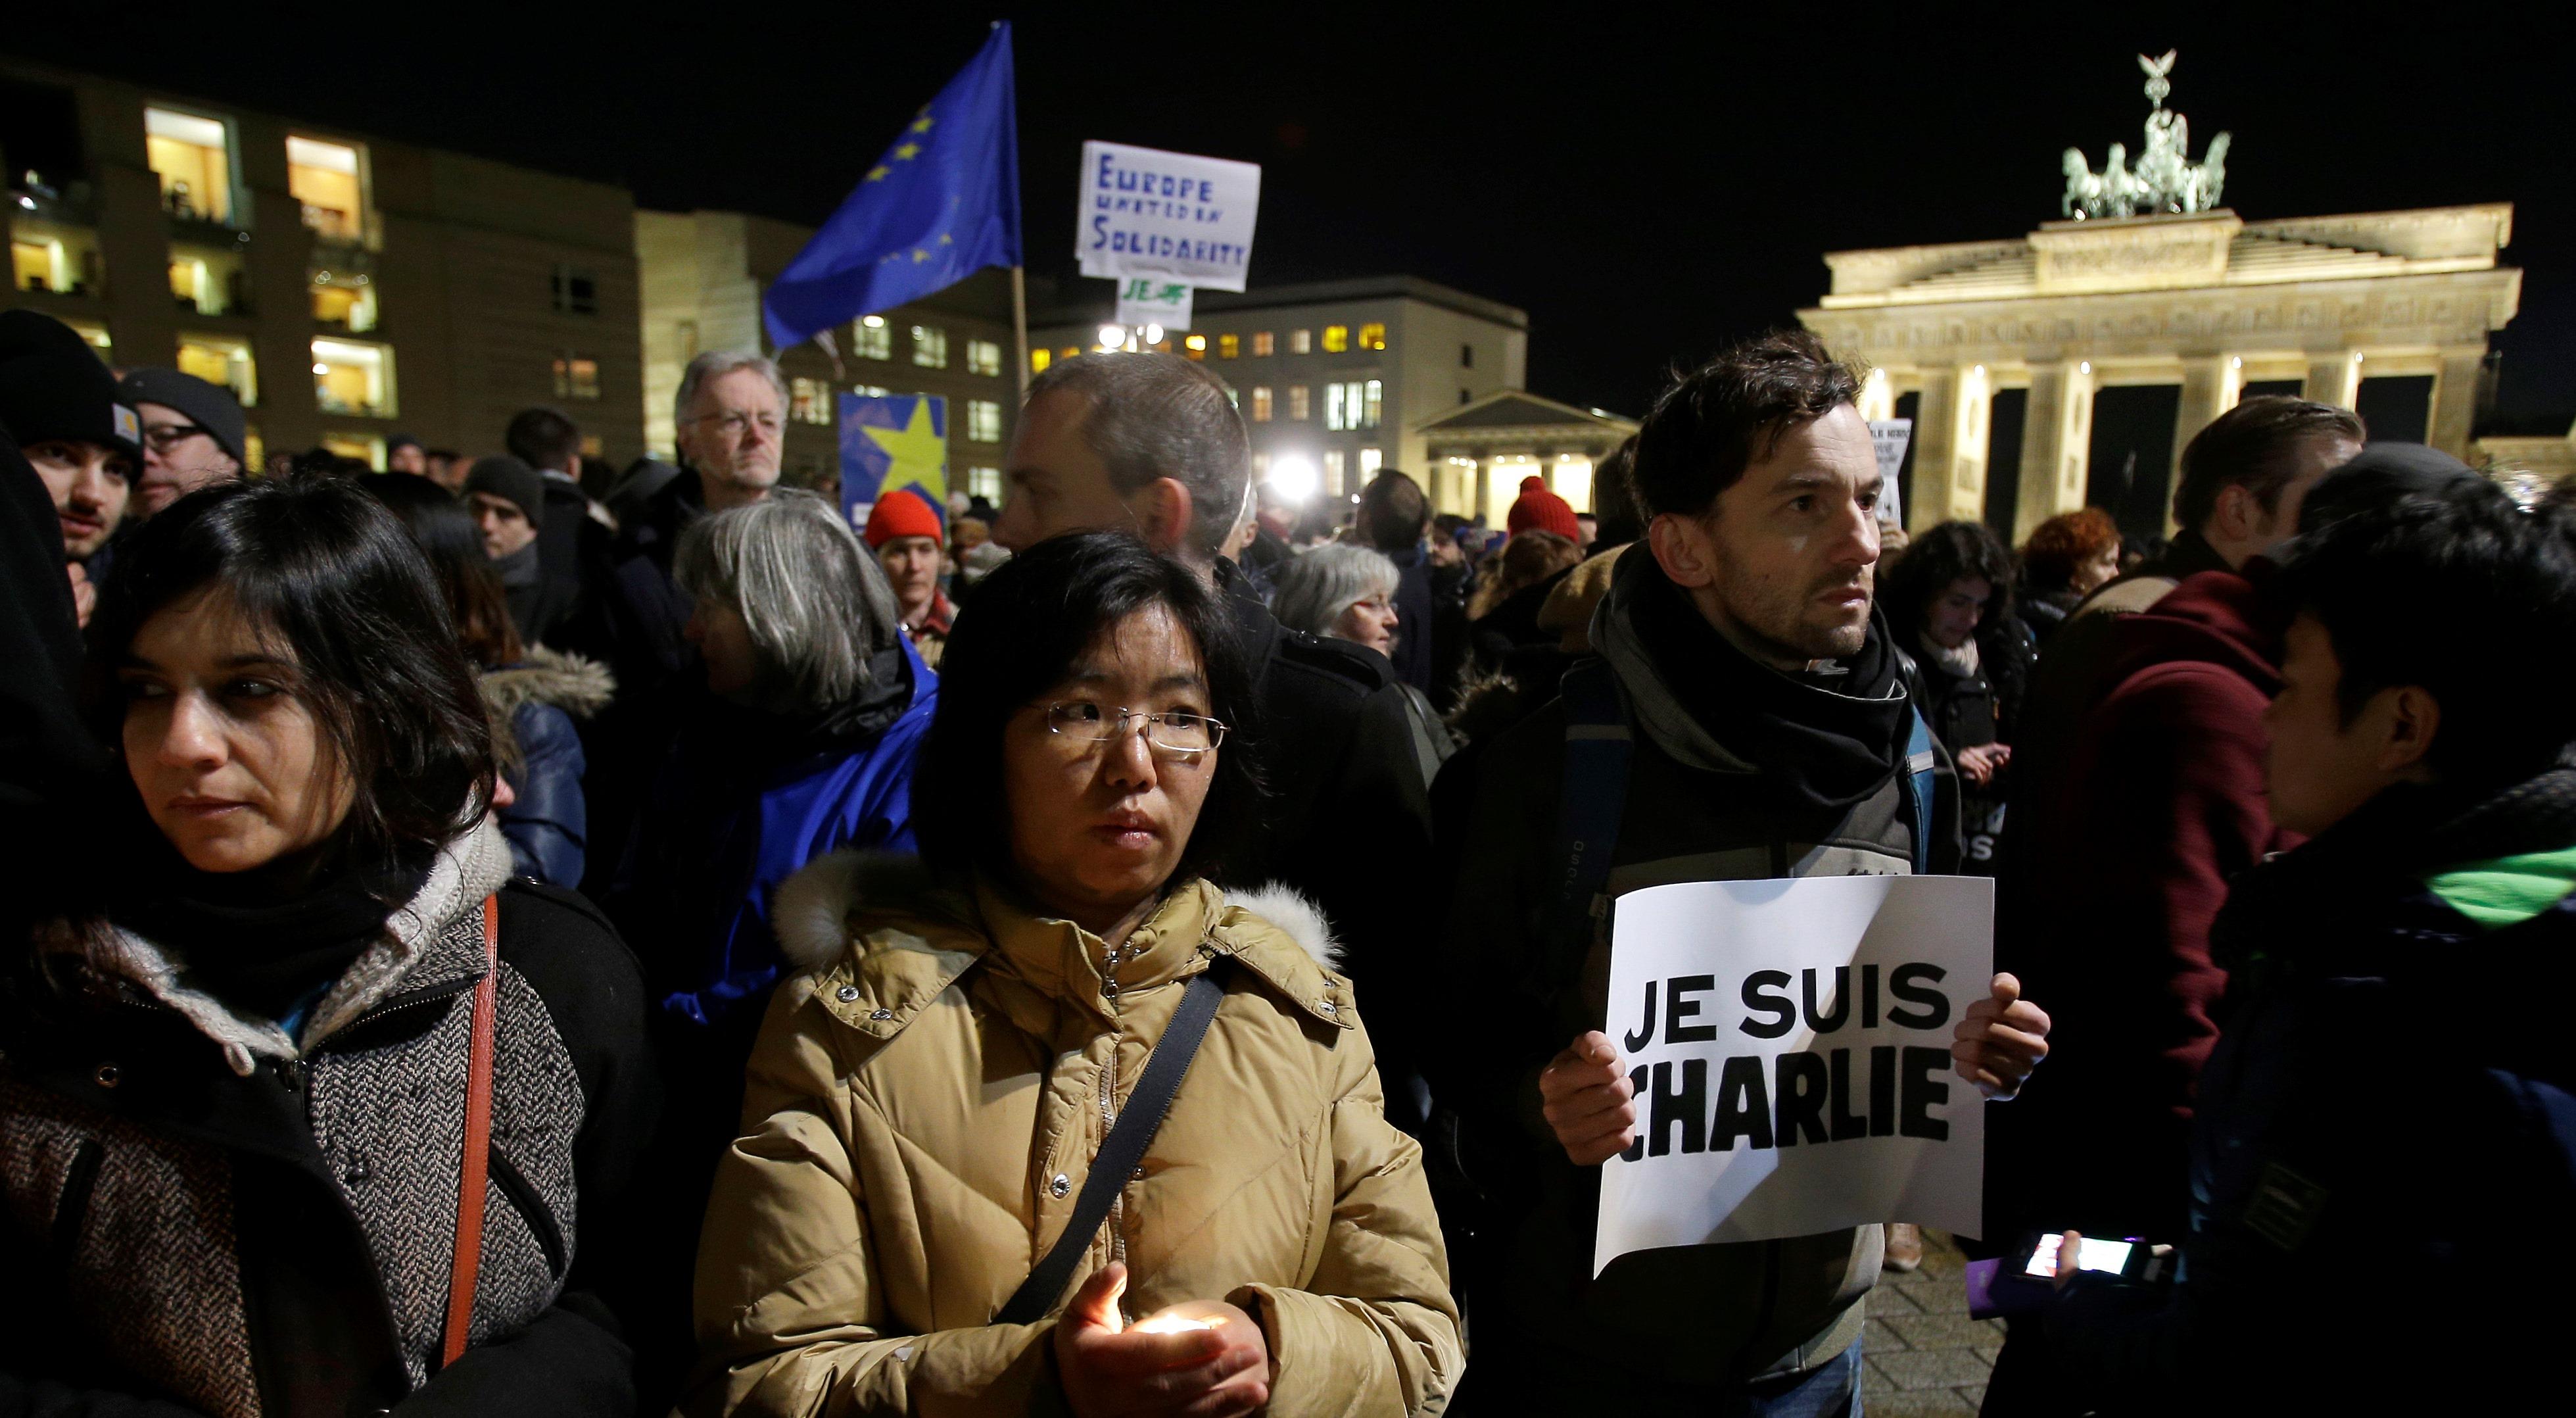 """Un hombre sostiene un cartel con el mensaje """"Yo soy Charlie"""" mientras participa en una manifestación frente a la Puerta de Brandemburgo en Berlín, Alemania, en protesta por el ataque al diario satírico francés Charlie Hebdo, el miércoles 7 de enero de 2015. (Foto AP/Michael Sohn)"""